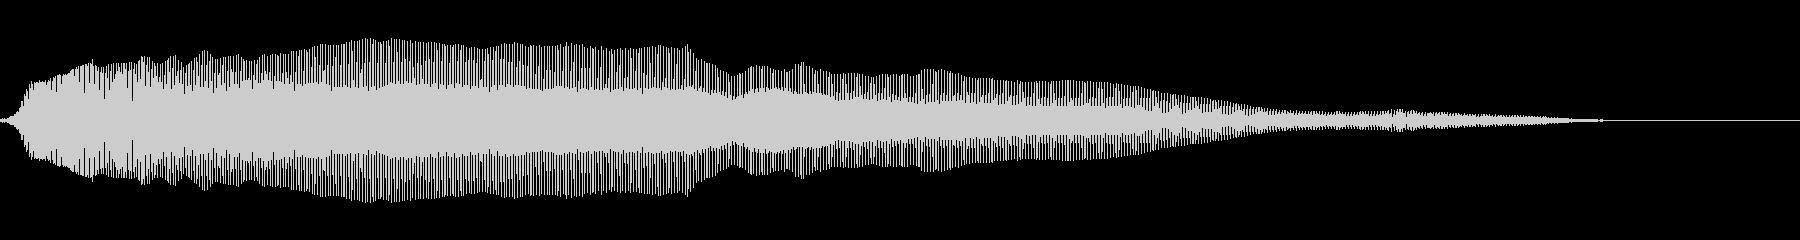 ニャーン 猫の鳴き声(甘え)の未再生の波形